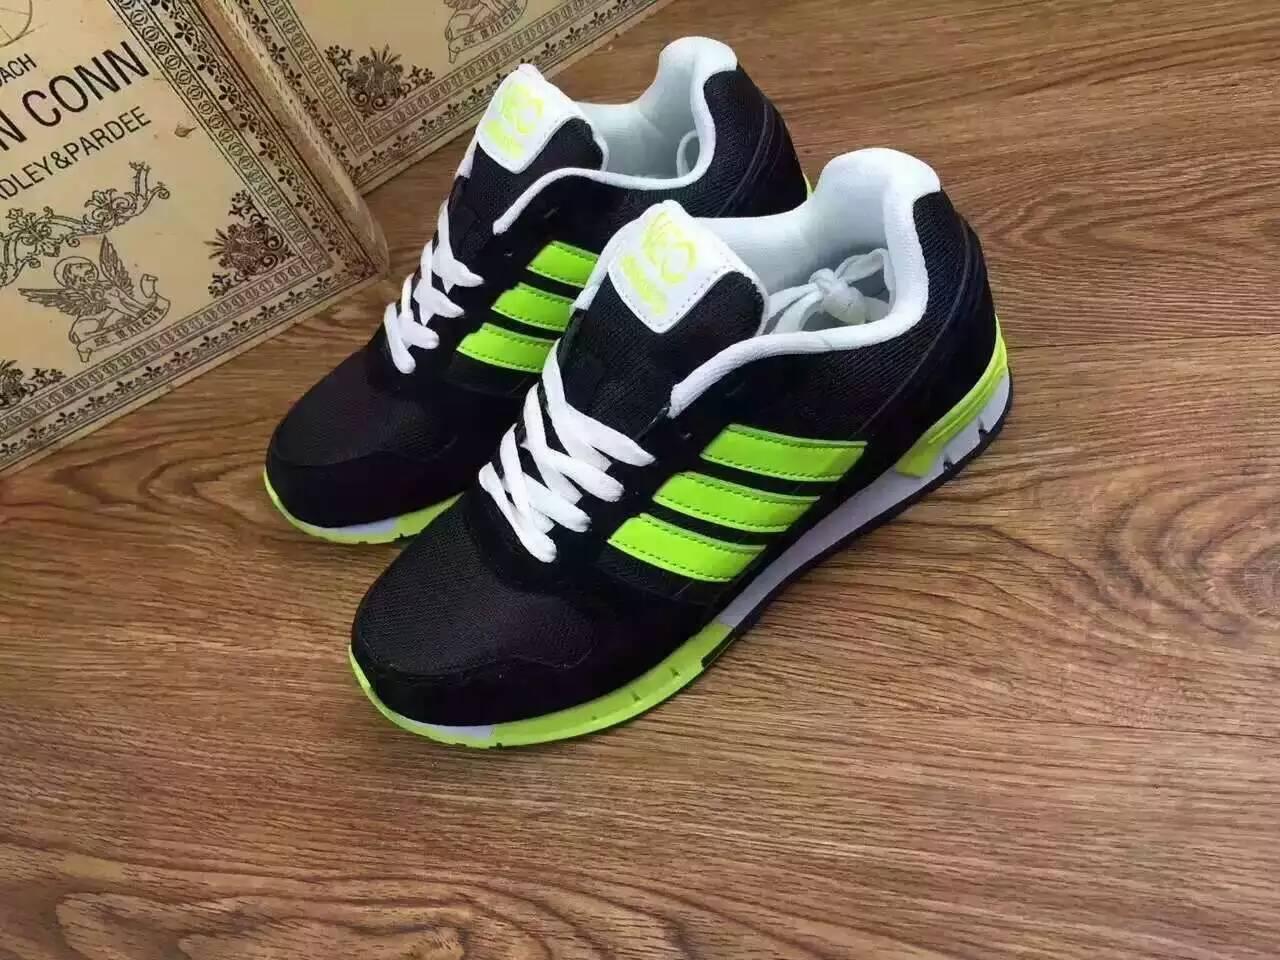 價格優惠的Nike耐克運動鞋供應,就在優家鞋業 招商加盟跑步鞋